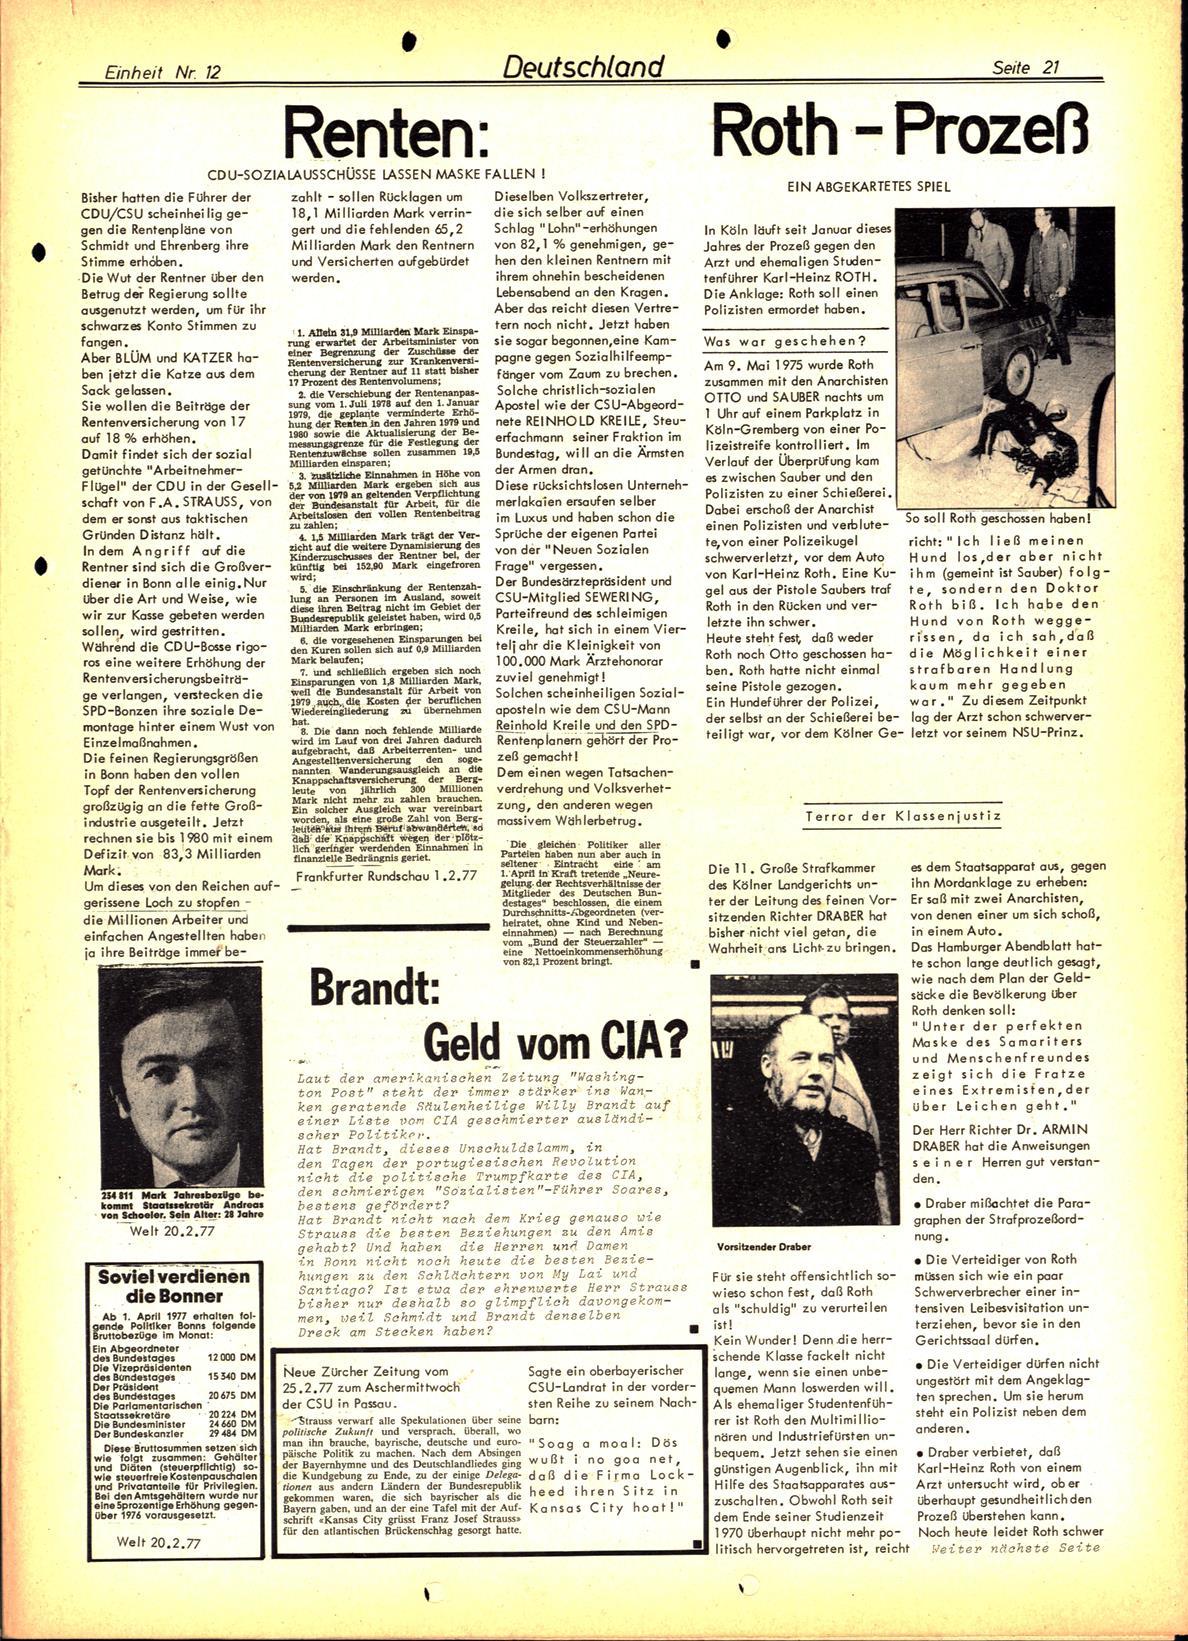 Koeln_IPdA_Einheit_1977_012_021